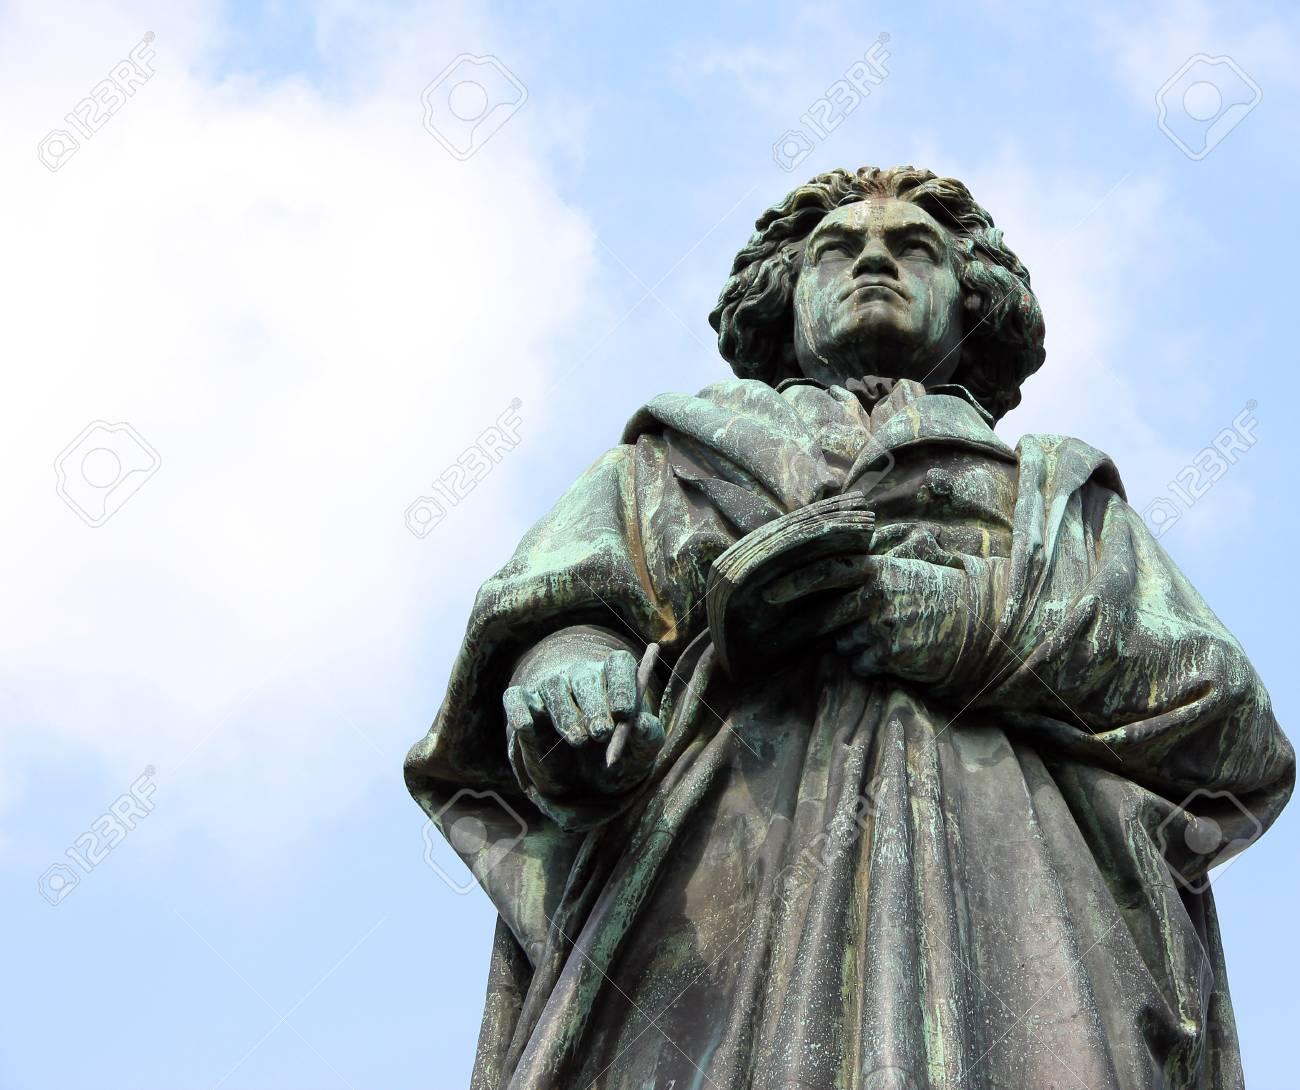 Monument of Ludwig van Beethoven in Bonn, Germany. - 90557277